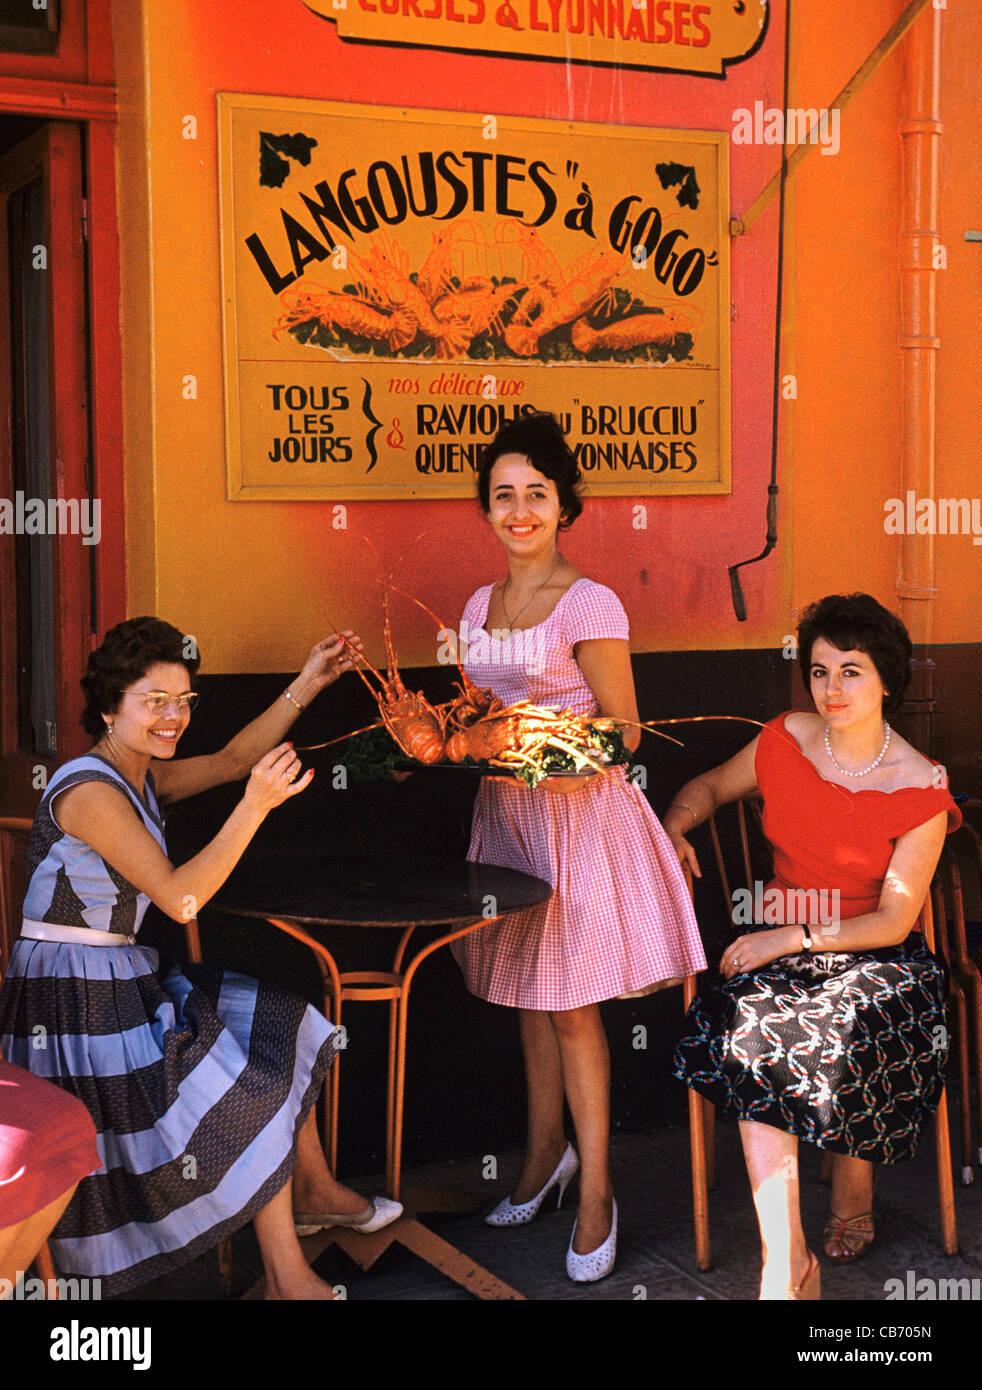 Französische Frauen der 1950er Jahre oder Anfang der 1960er Jahre im Außenbereich ein Seafood Restaurant Stockbild